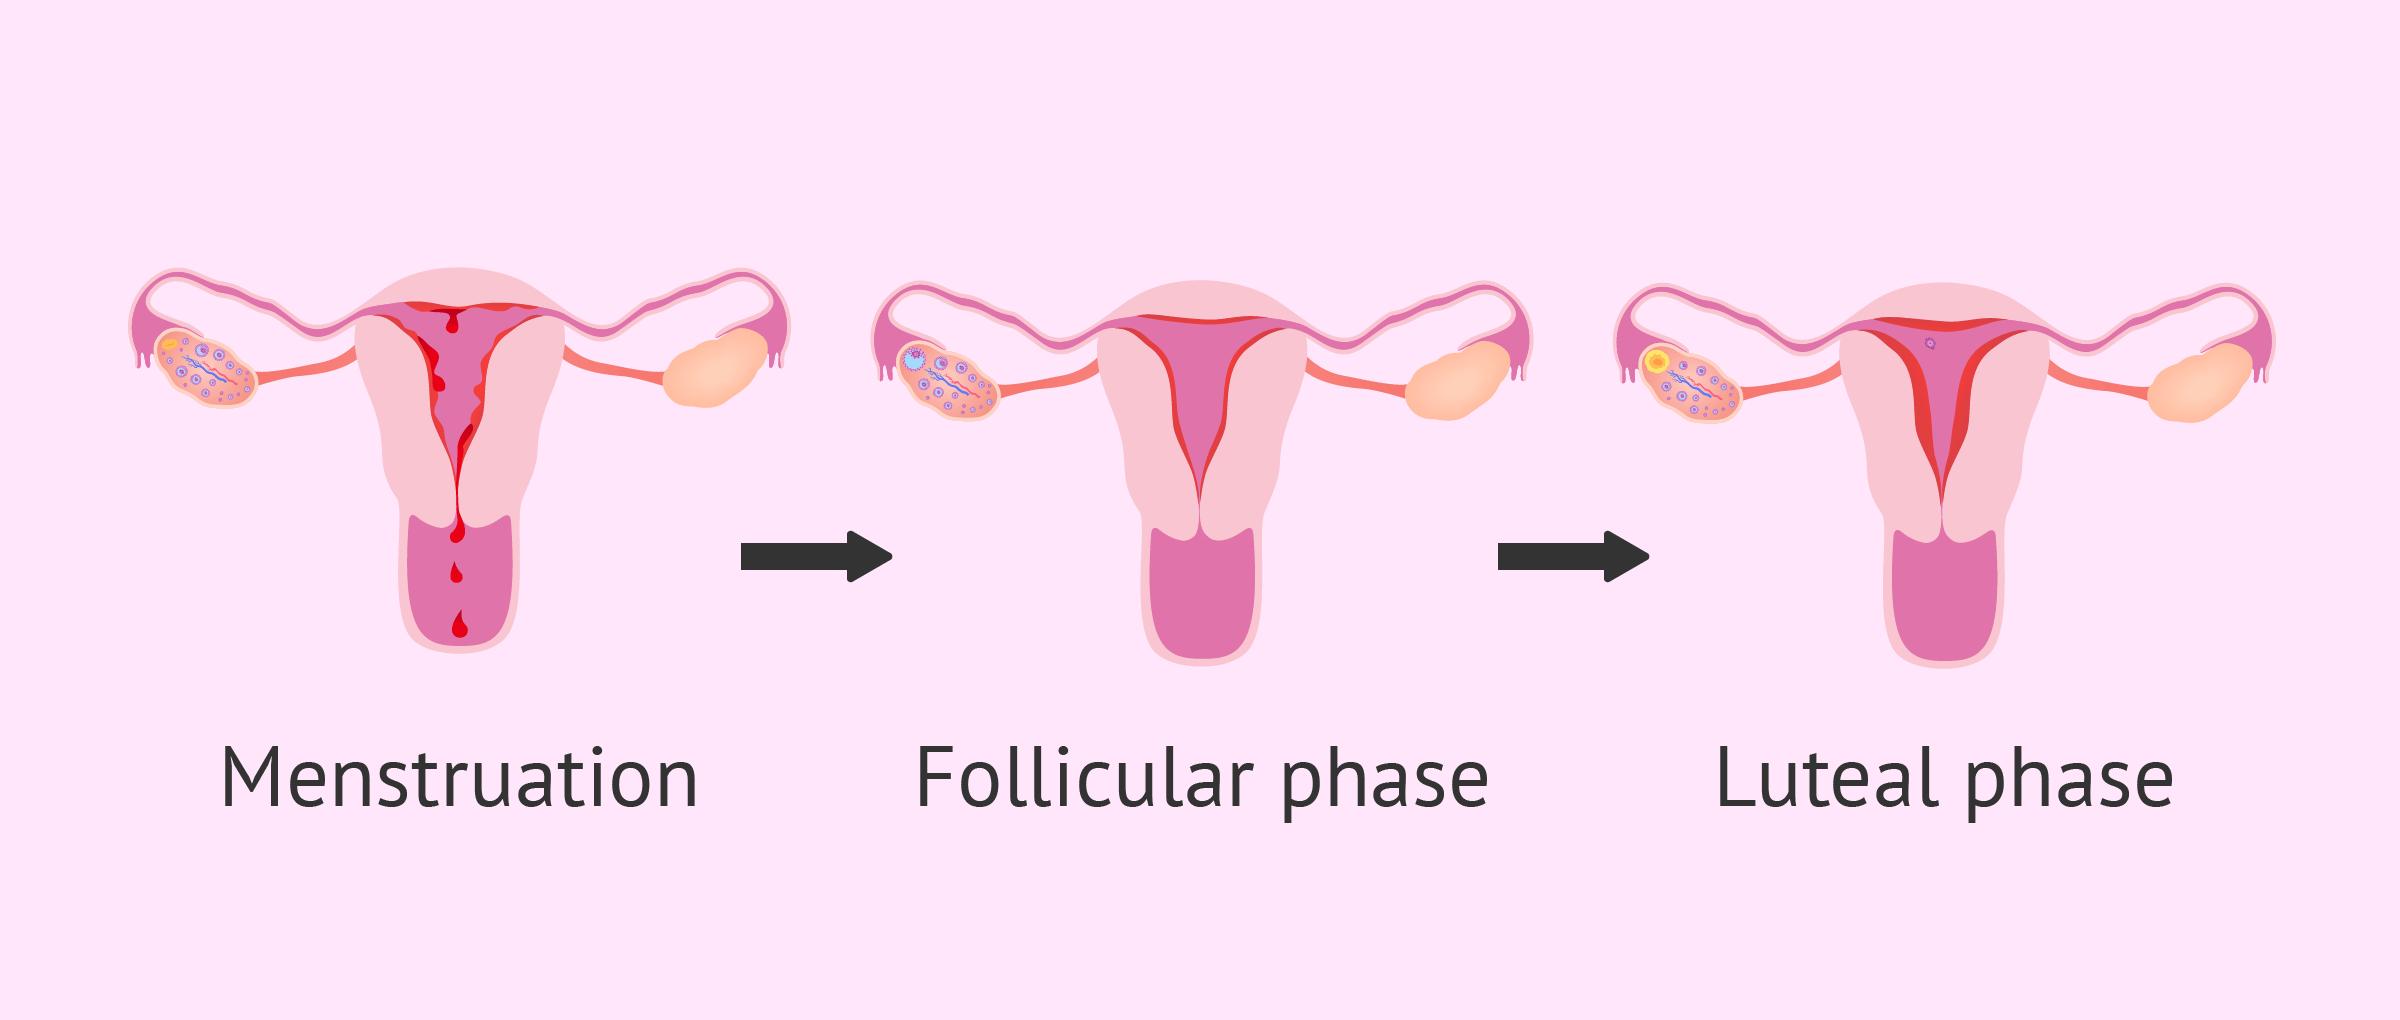 Endometrium status during period